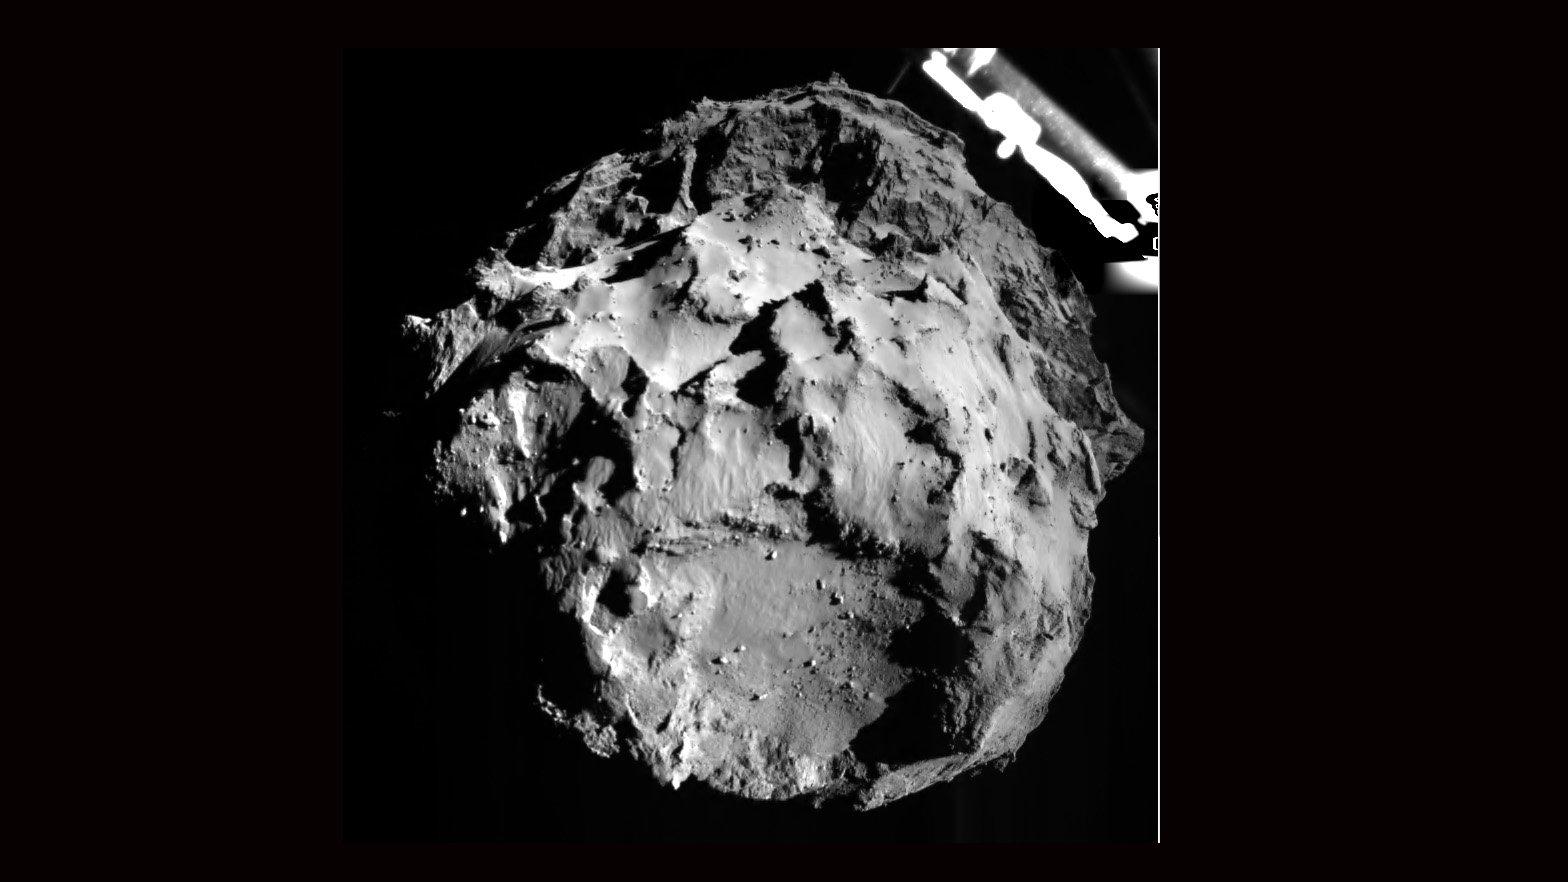 Tschuri aus drei Kilometern Entfernung: Dieses Bild wurde vom ROLIS-Instrument an Bord von Philae am 12. November 2014 um 15:38:41 Uhr (MEZ) gemacht, als Philae sich dem Kometen zur Landung näherte.